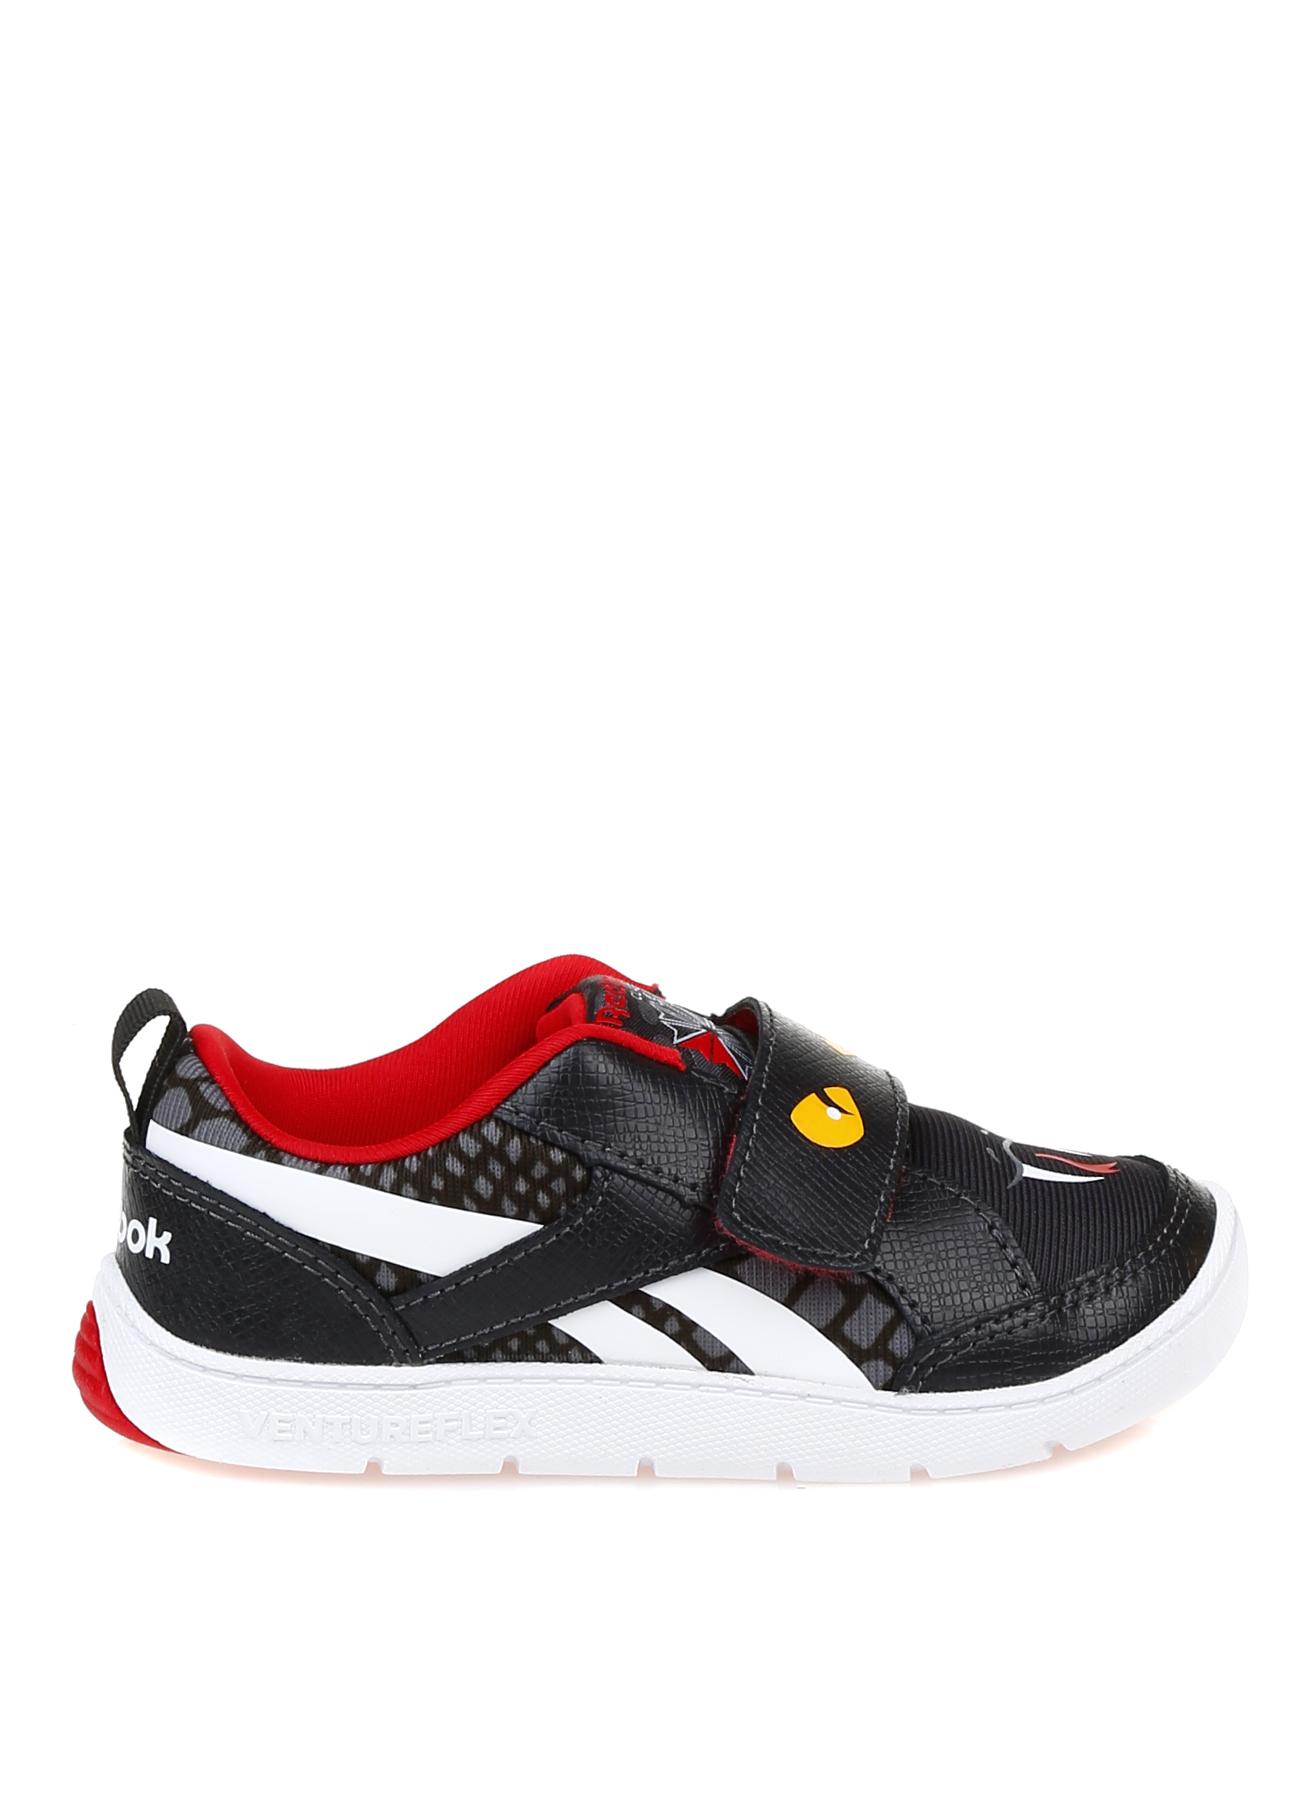 Reebok Yürüyüş Ayakkabısı 26 5001700738011 Ürün Resmi